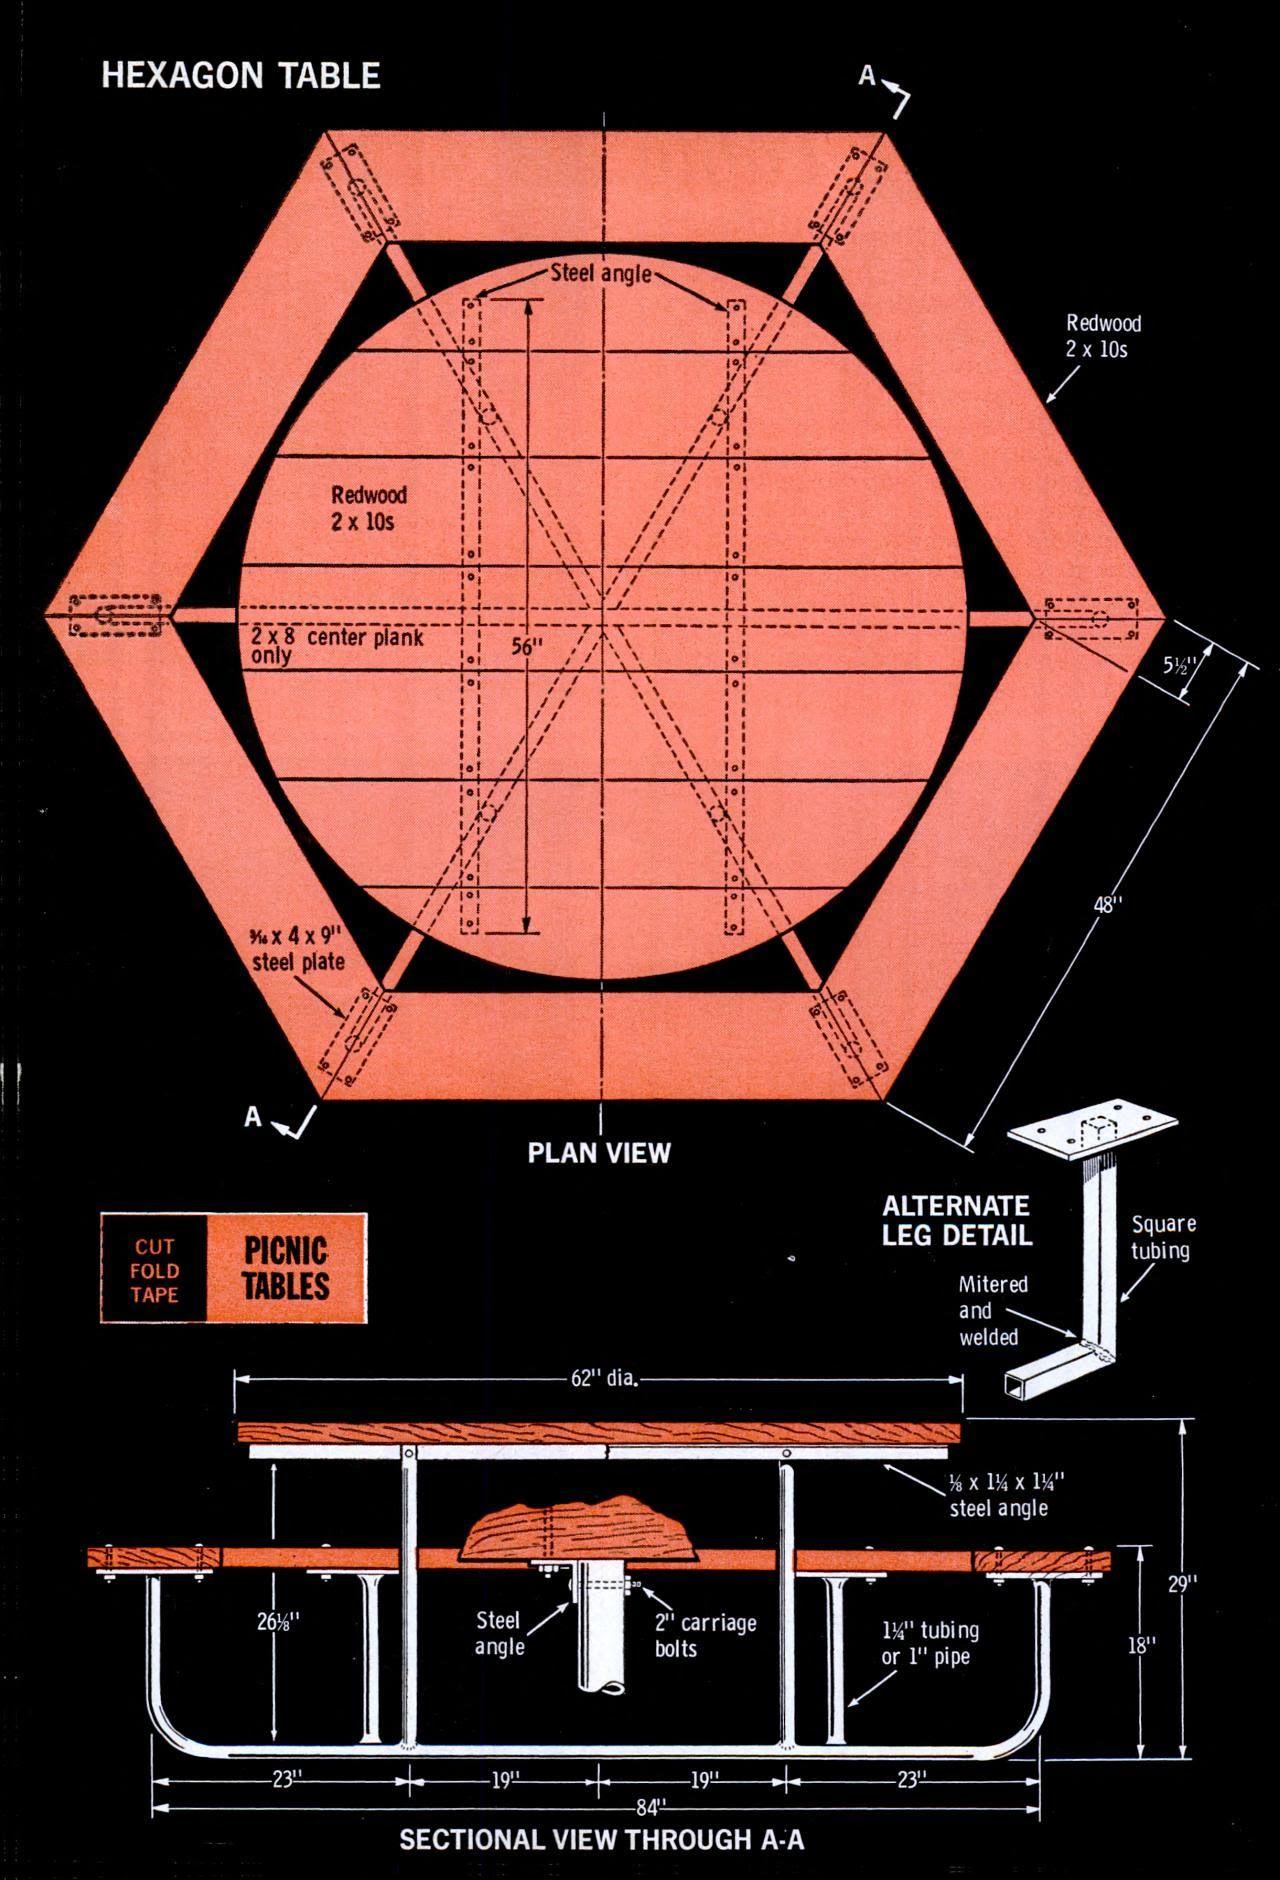 Popular Mechanics Idées Pour Le Jardin Pinterest Popular - Popular mechanics picnic table